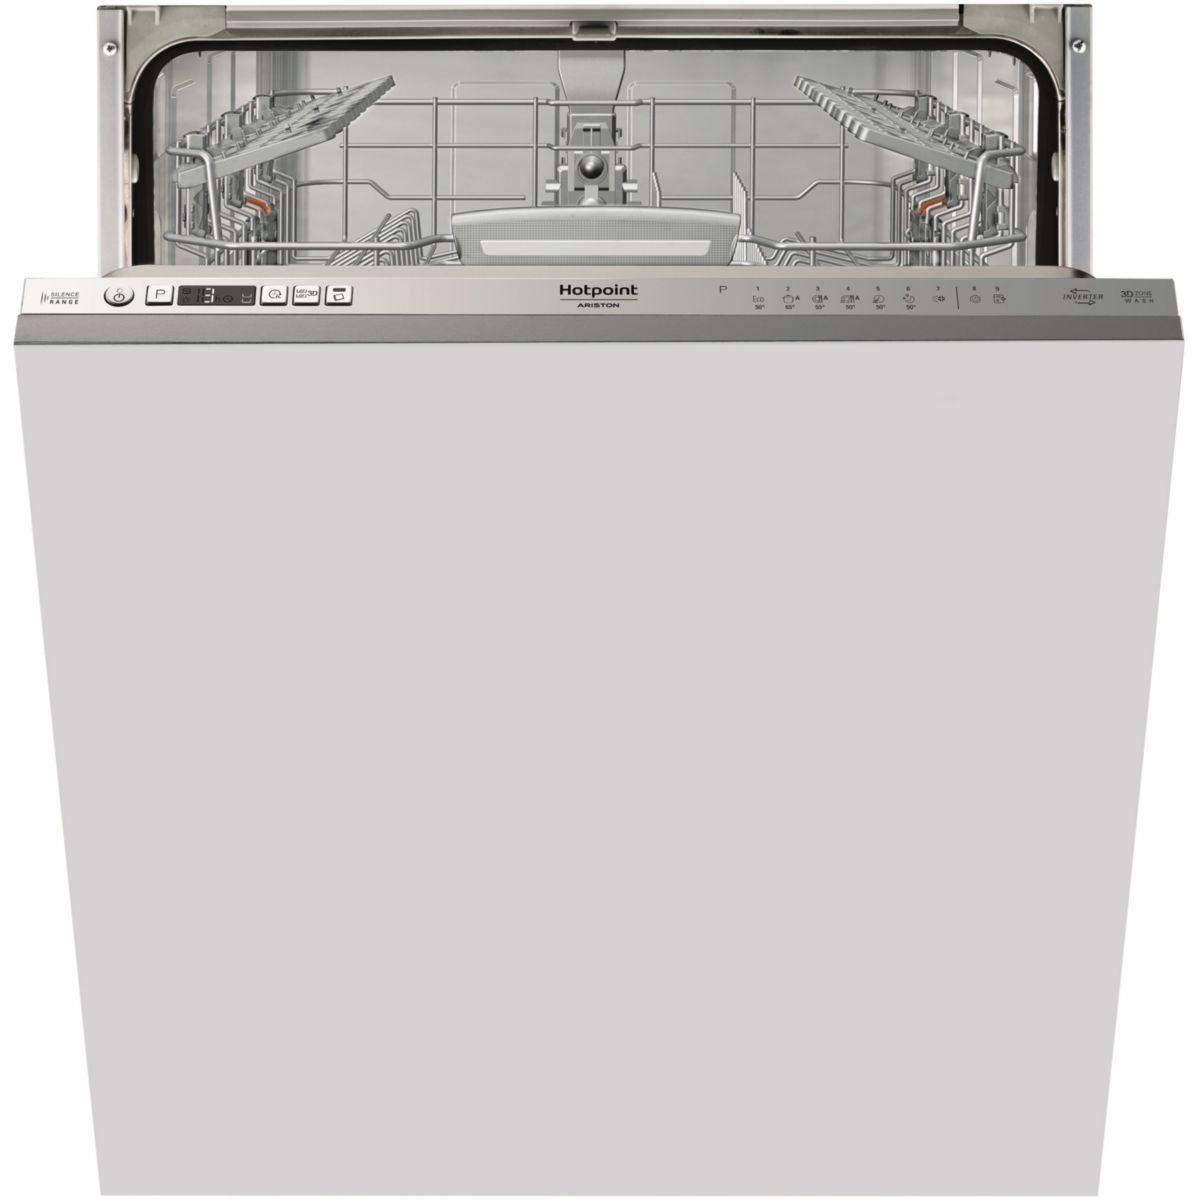 Lave Vaisselle Tout Integrable Hkio3t1239we Lave Vaisselle Mini Lave Vaisselle Encastrable Et Lave Vaisselle Siemens